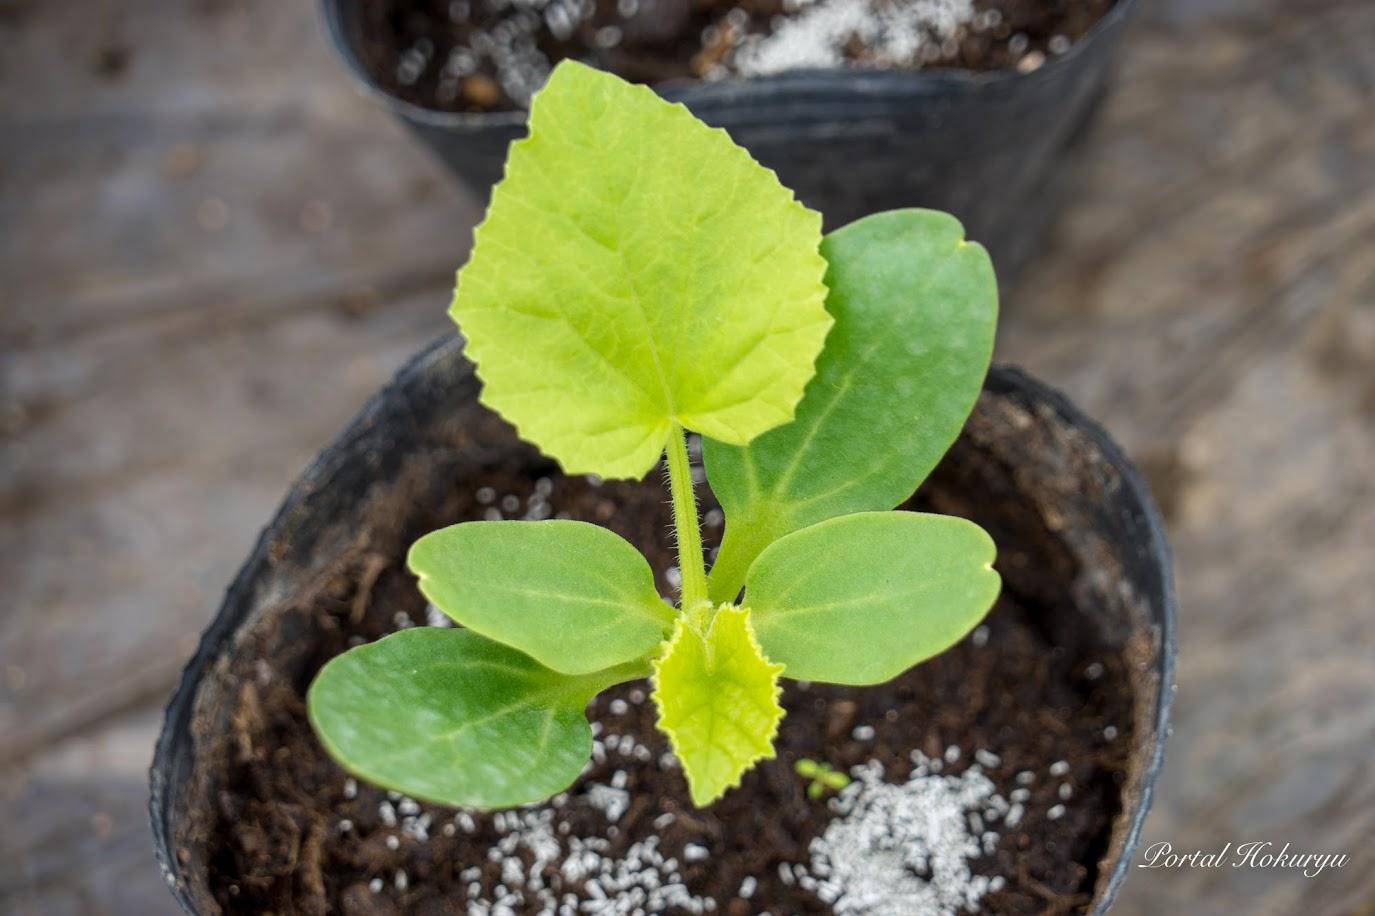 メロンの本体から新芽が出ています